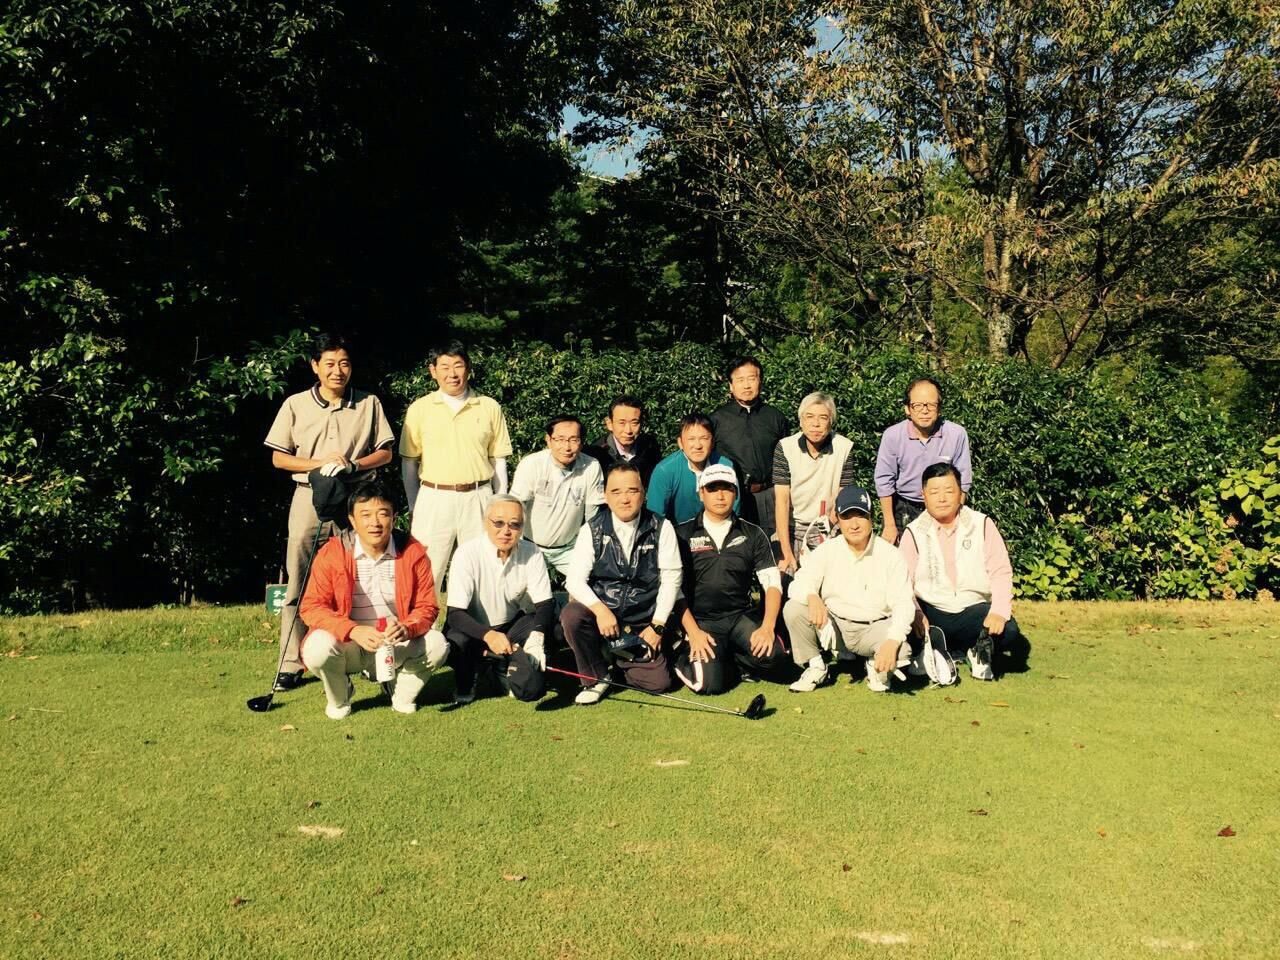 平成27年度第1回GATゴルフコンペ 晴天の中18名の参加で楽しくゴルフが出来ました。